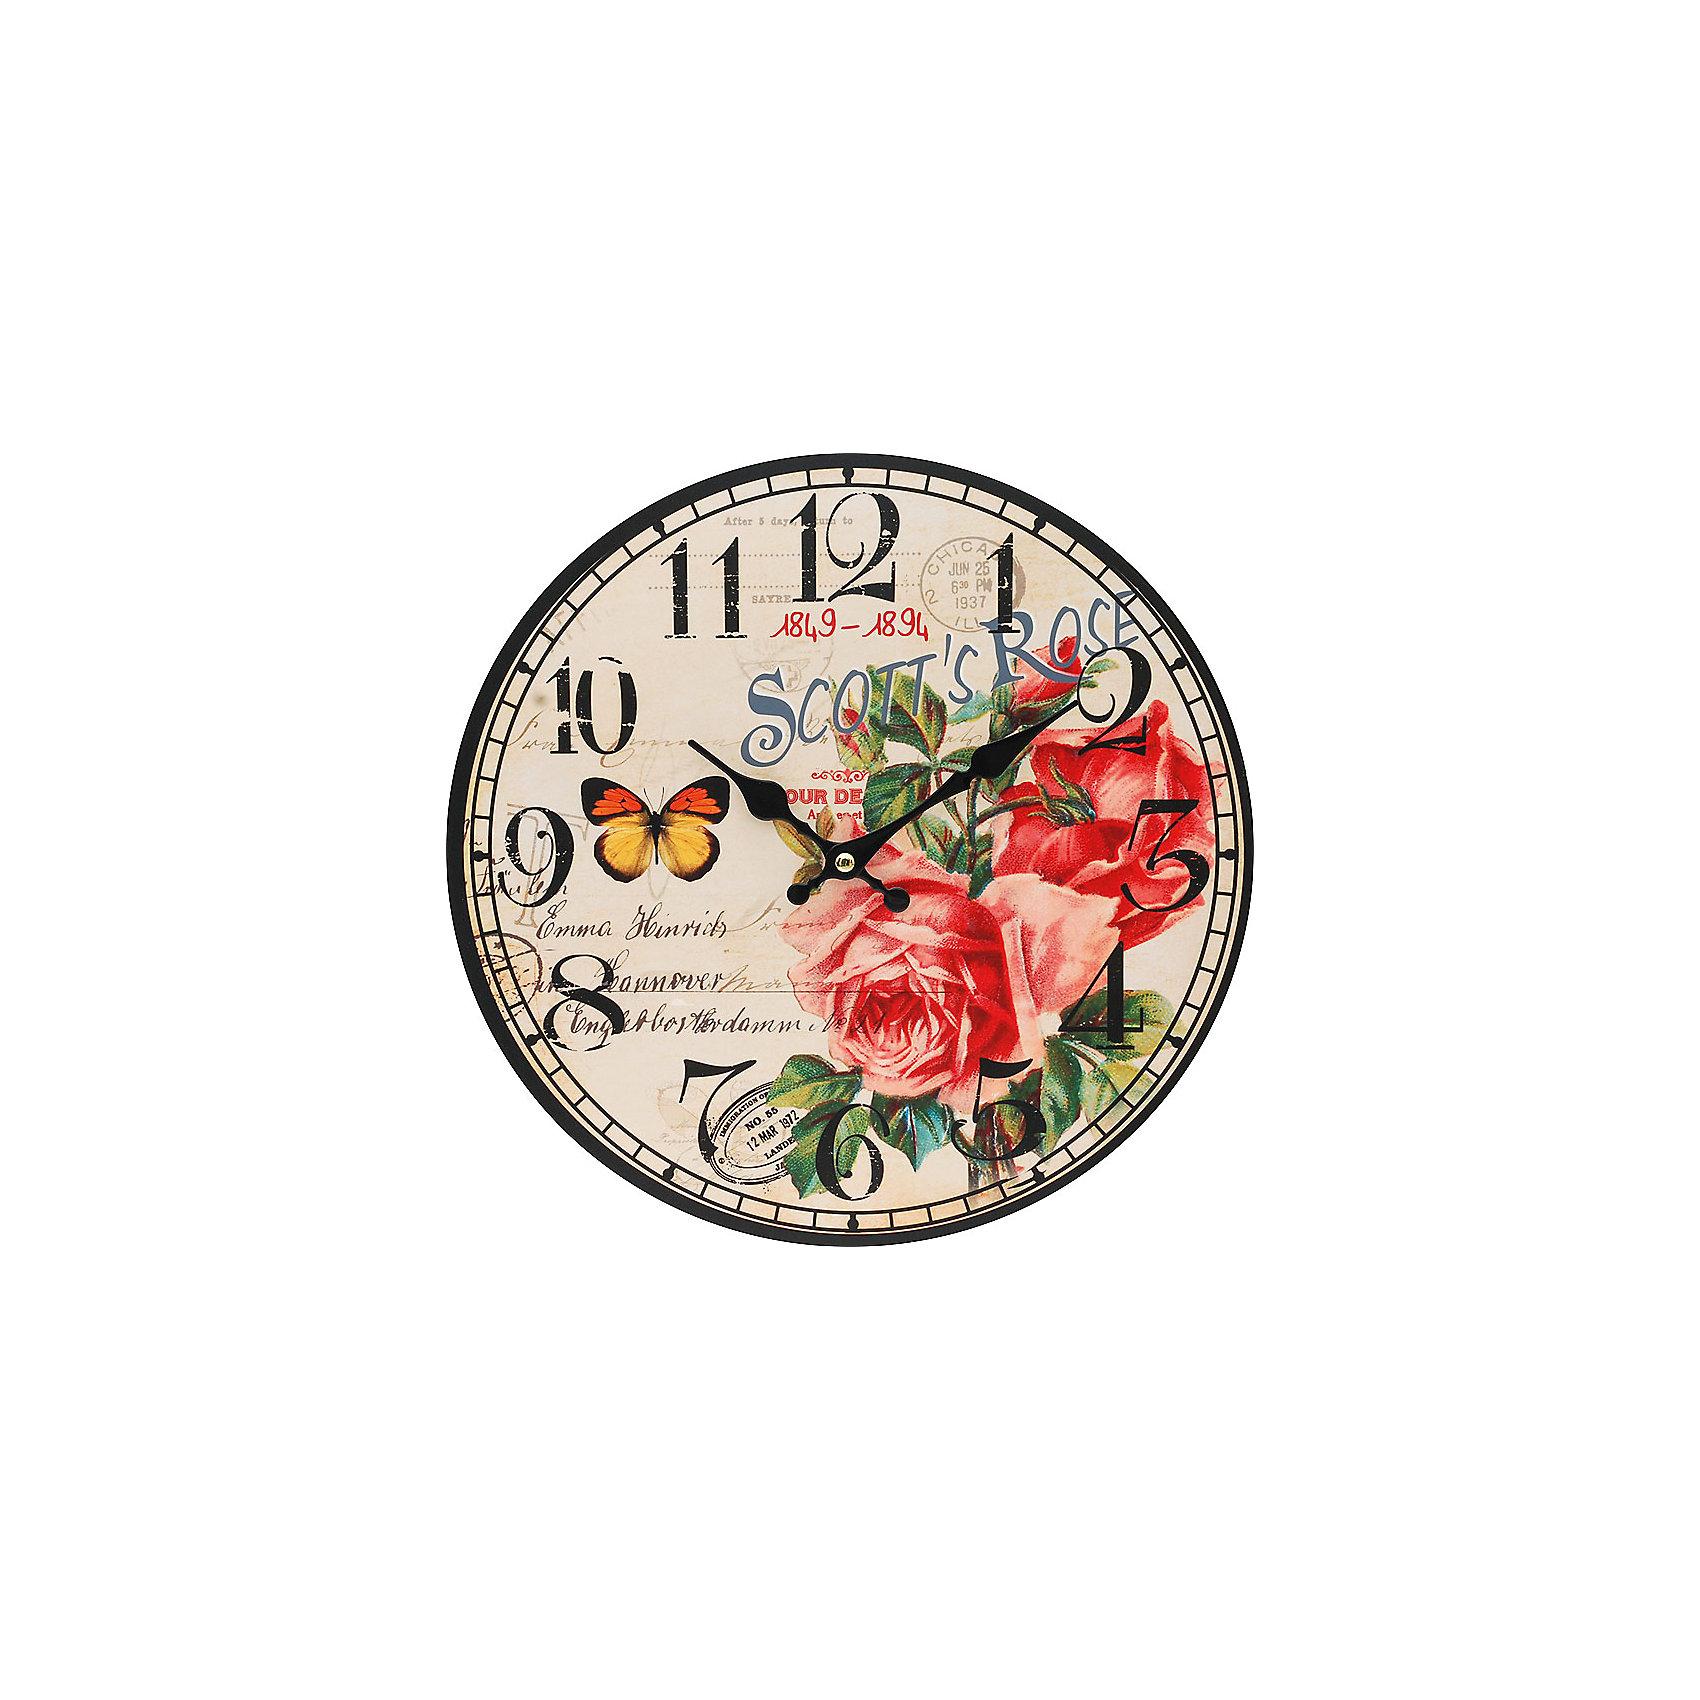 Часы настенные Розовый куст, диаметр 34 смПредметы интерьера<br>Часы настенные Розовый куст, диаметр 34 см.<br><br>Характеристики:<br><br>- Диаметр: 34 см.<br>- Две стрелки часовая и минутная<br>- Батарейка: 1 типа АА (в комплект не входит)<br>- Основные цвета: антрацитовый, бледно-розовый, темно-красный<br>- Упаковка картонная коробка<br><br>Кварцевые настенные часы с механизмом плавного хода помимо своего прямого назначения – показывать точное время – станут важным элементом декора Вашего дома, квартиры или офиса. Открытый циферблат часов выполнен из листа оргалита с декоративным покрытием, оформлен изображением цветочной композиции и бабочки. Часовая и минутная стрелки металлические. Часовой механизм закрыт пластиковым корпусом. Часы будут ярким акцентом в интерьере и создадут дополнительный уют и хорошее настроение.<br><br>Часы настенные Розовый куст, диаметр 34 см можно купить в нашем интернет-магазине.<br><br>Ширина мм: 345<br>Глубина мм: 340<br>Высота мм: 45<br>Вес г: 2500<br>Возраст от месяцев: 72<br>Возраст до месяцев: 144<br>Пол: Унисекс<br>Возраст: Детский<br>SKU: 5089833